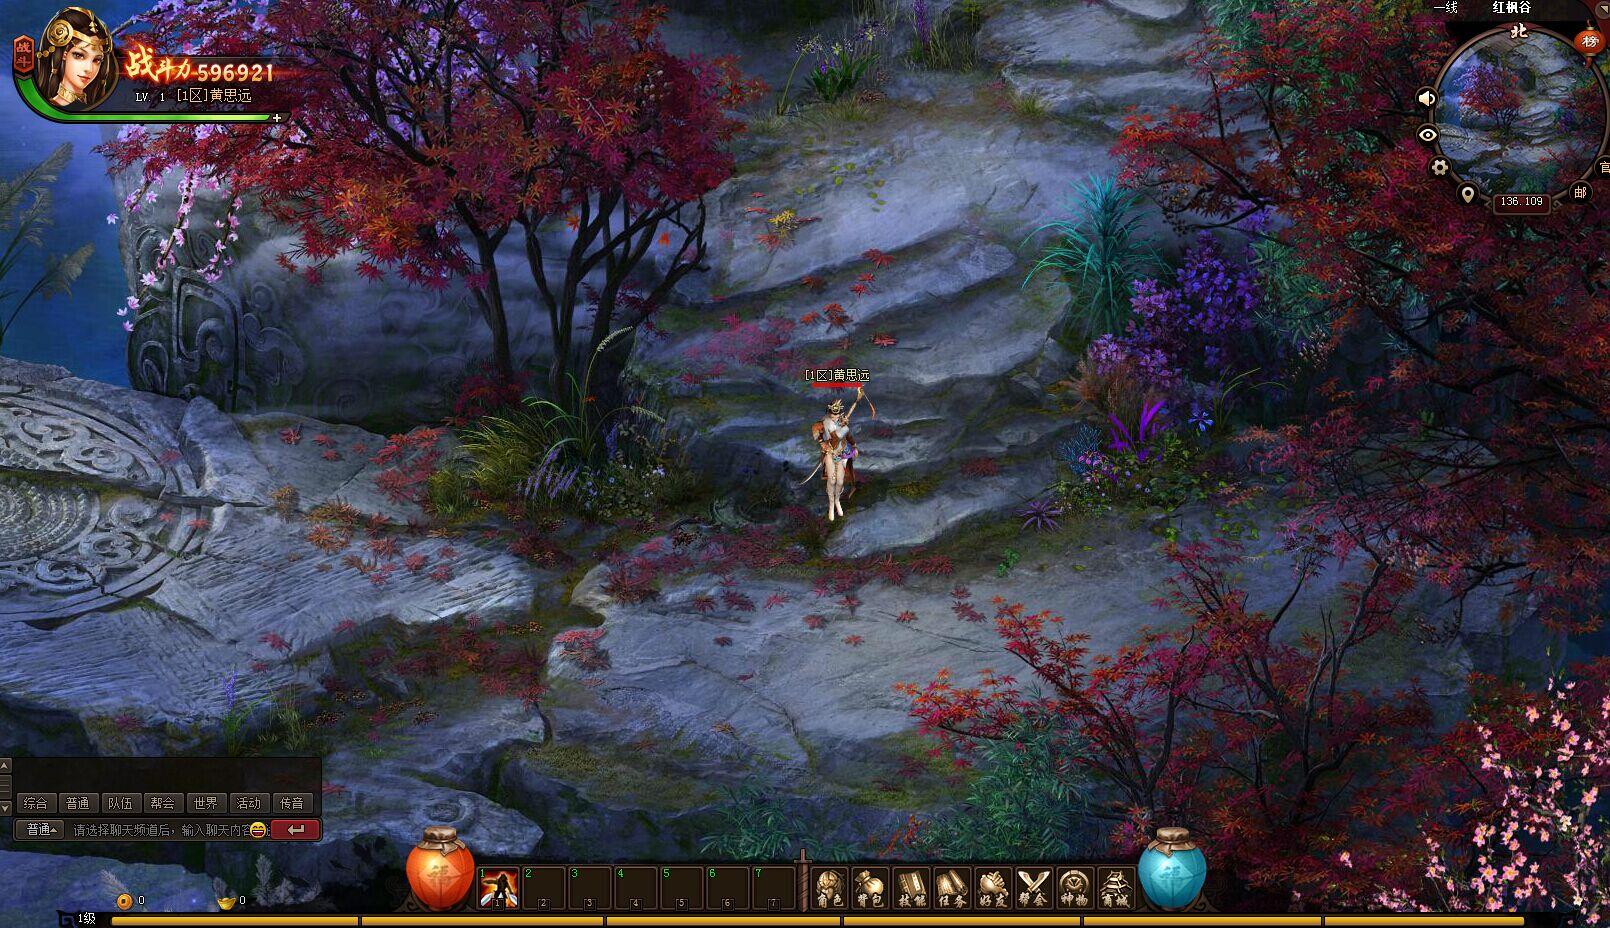 《轩辕剑之天之痕》游戏场景